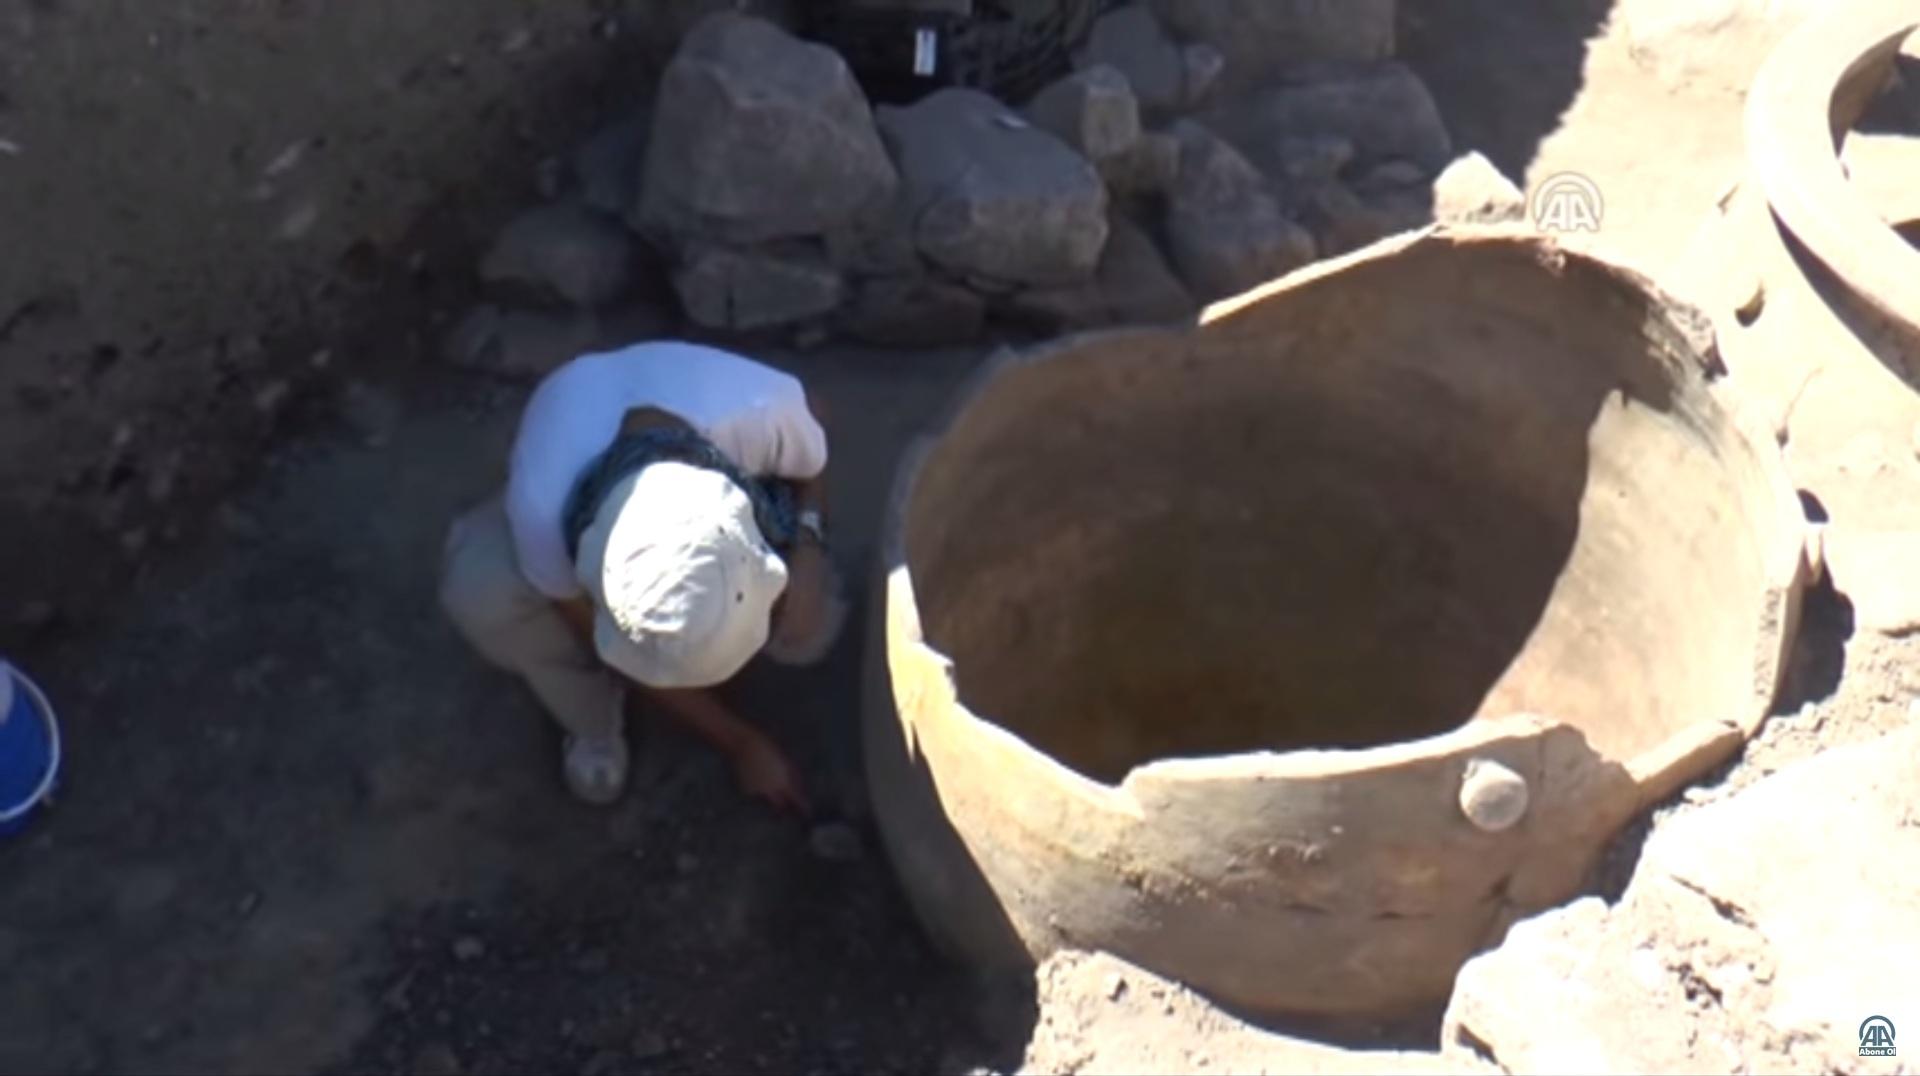 Kültepe'de 4000 Yıl Önce Yapılmış 2 Metrelik Dev Küpler Bulundu